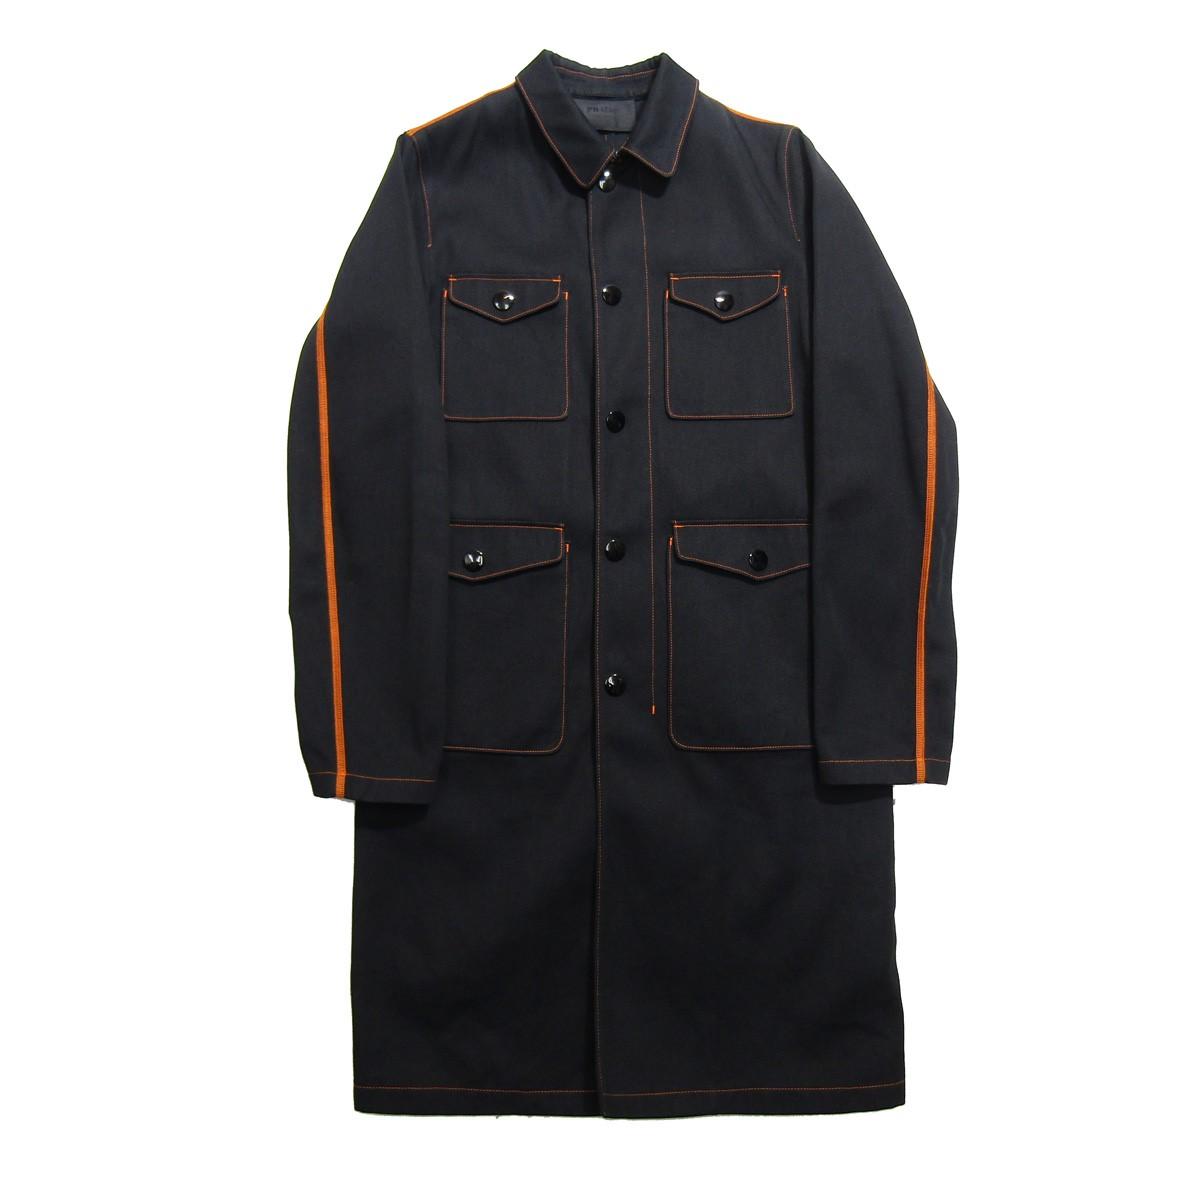 【中古】PRADA 2017SS オレンジステッチスナップワークコート ブラック サイズ:44 【150420】(プラダ)